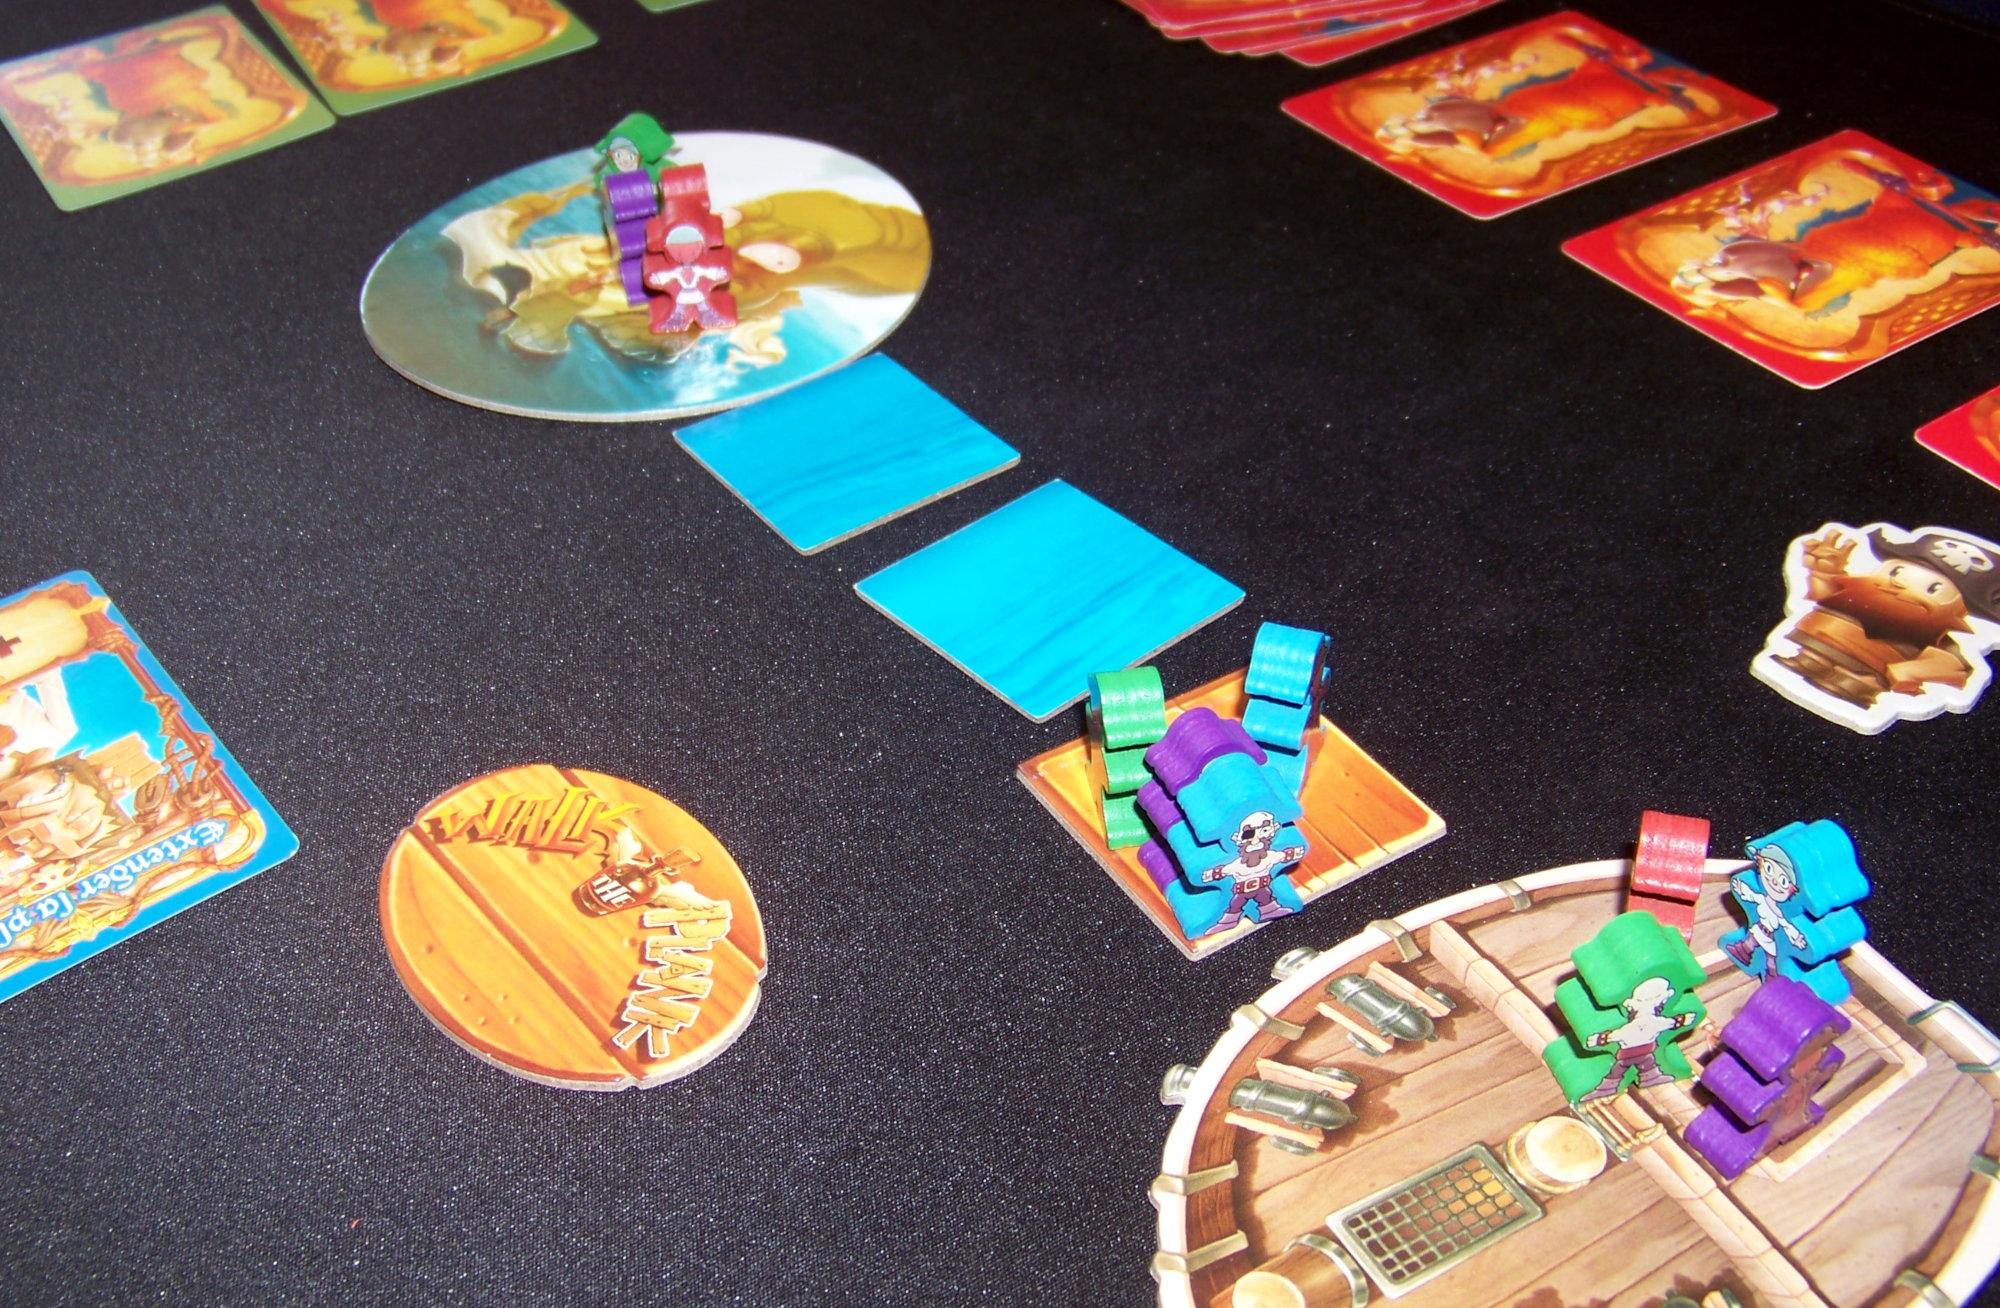 Juego de mesa Piratas al agua - Detalle de la partida